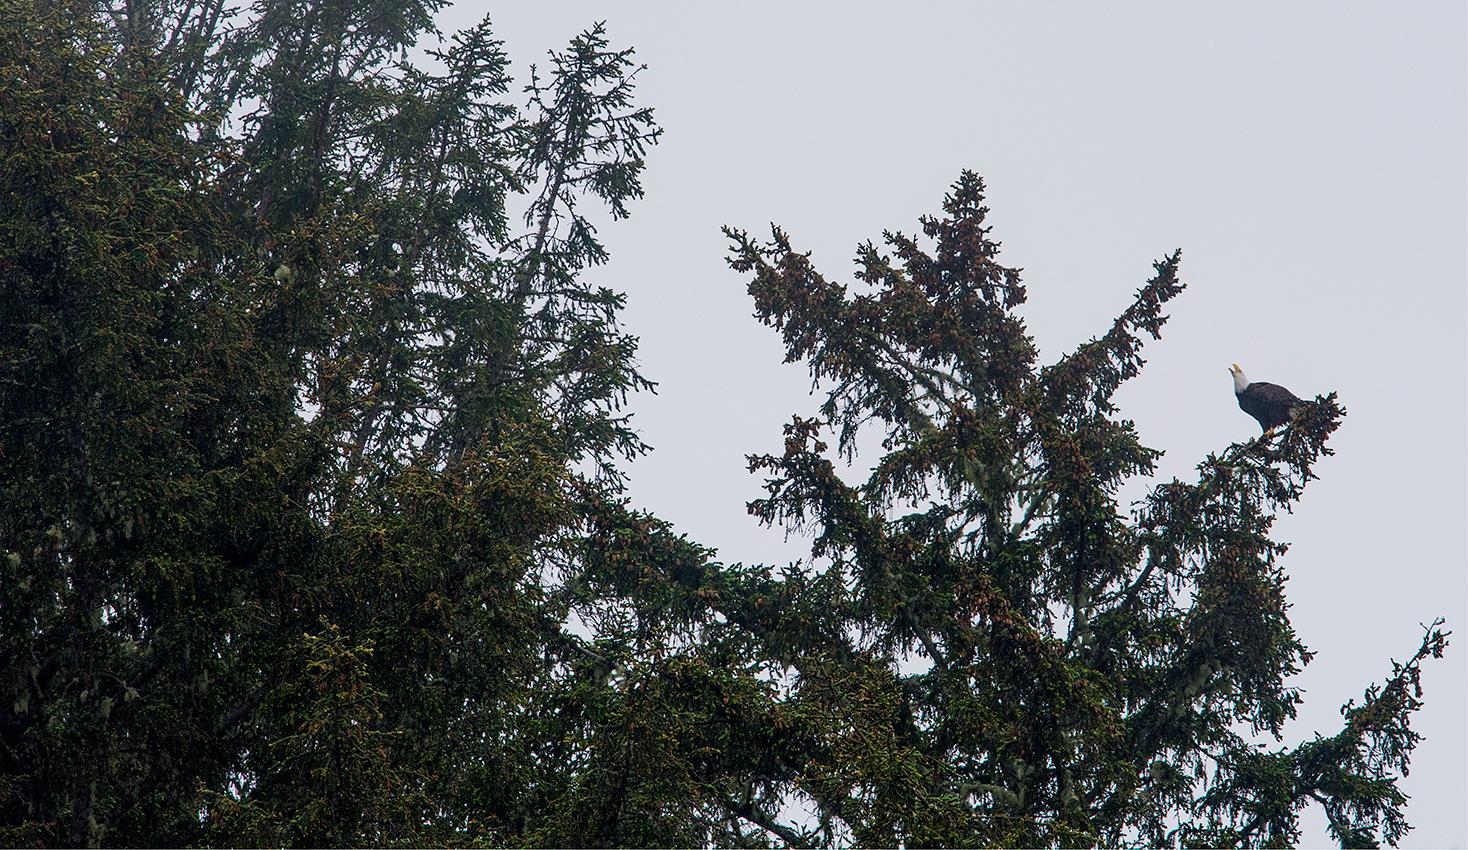 Pygargue à tête blanche / Bald eagle  (Haliaeetus leucocephalus)